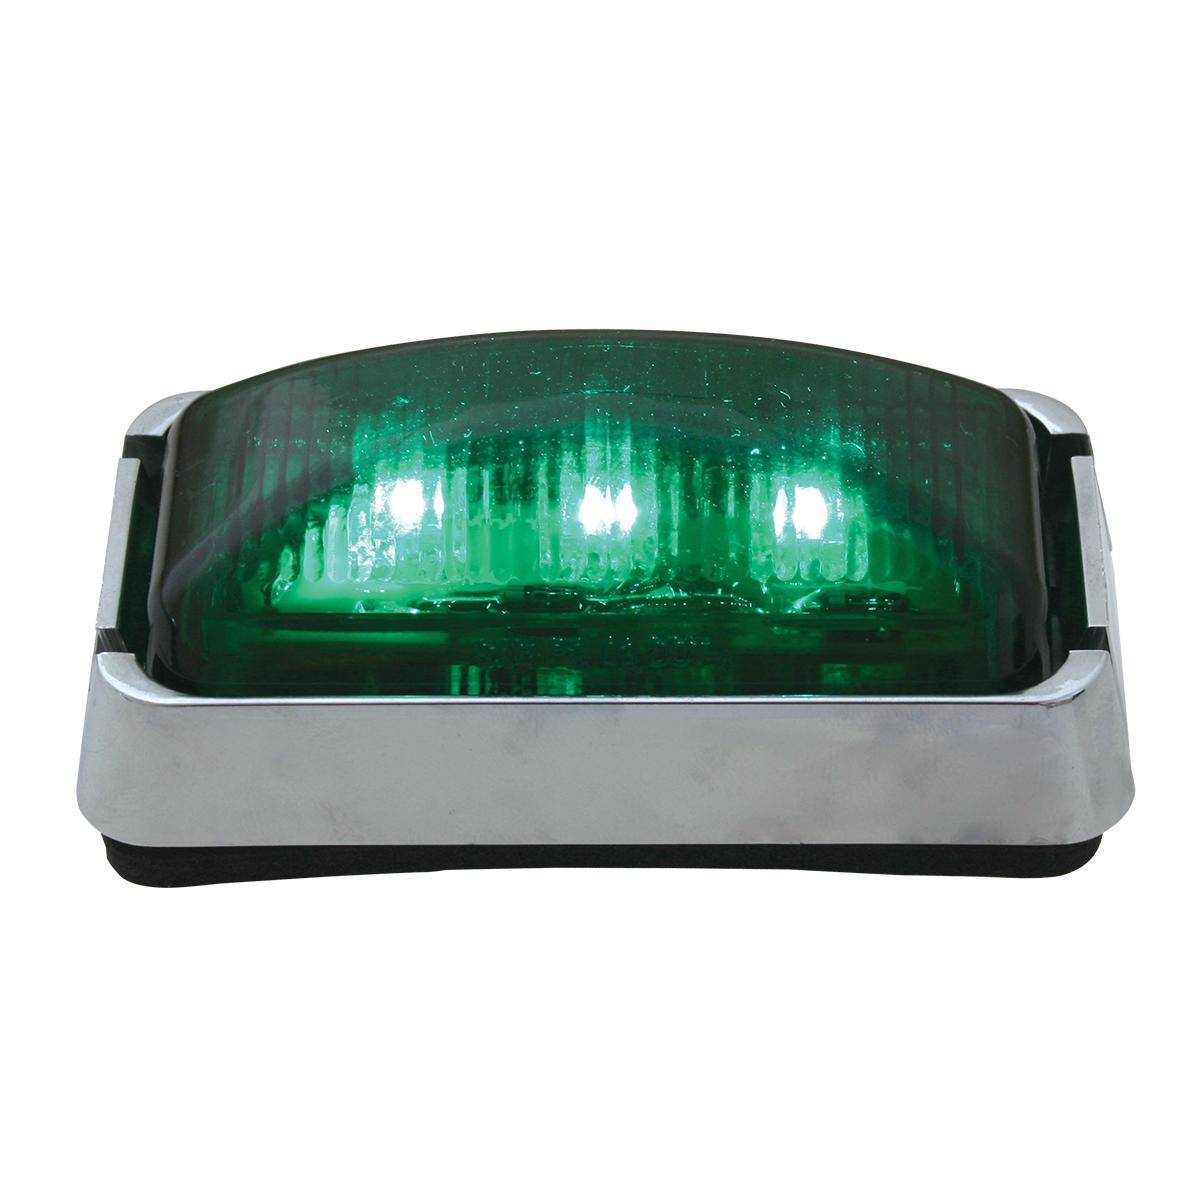 87638 Small Rectangular LED Marker Light with Chrome Bracket